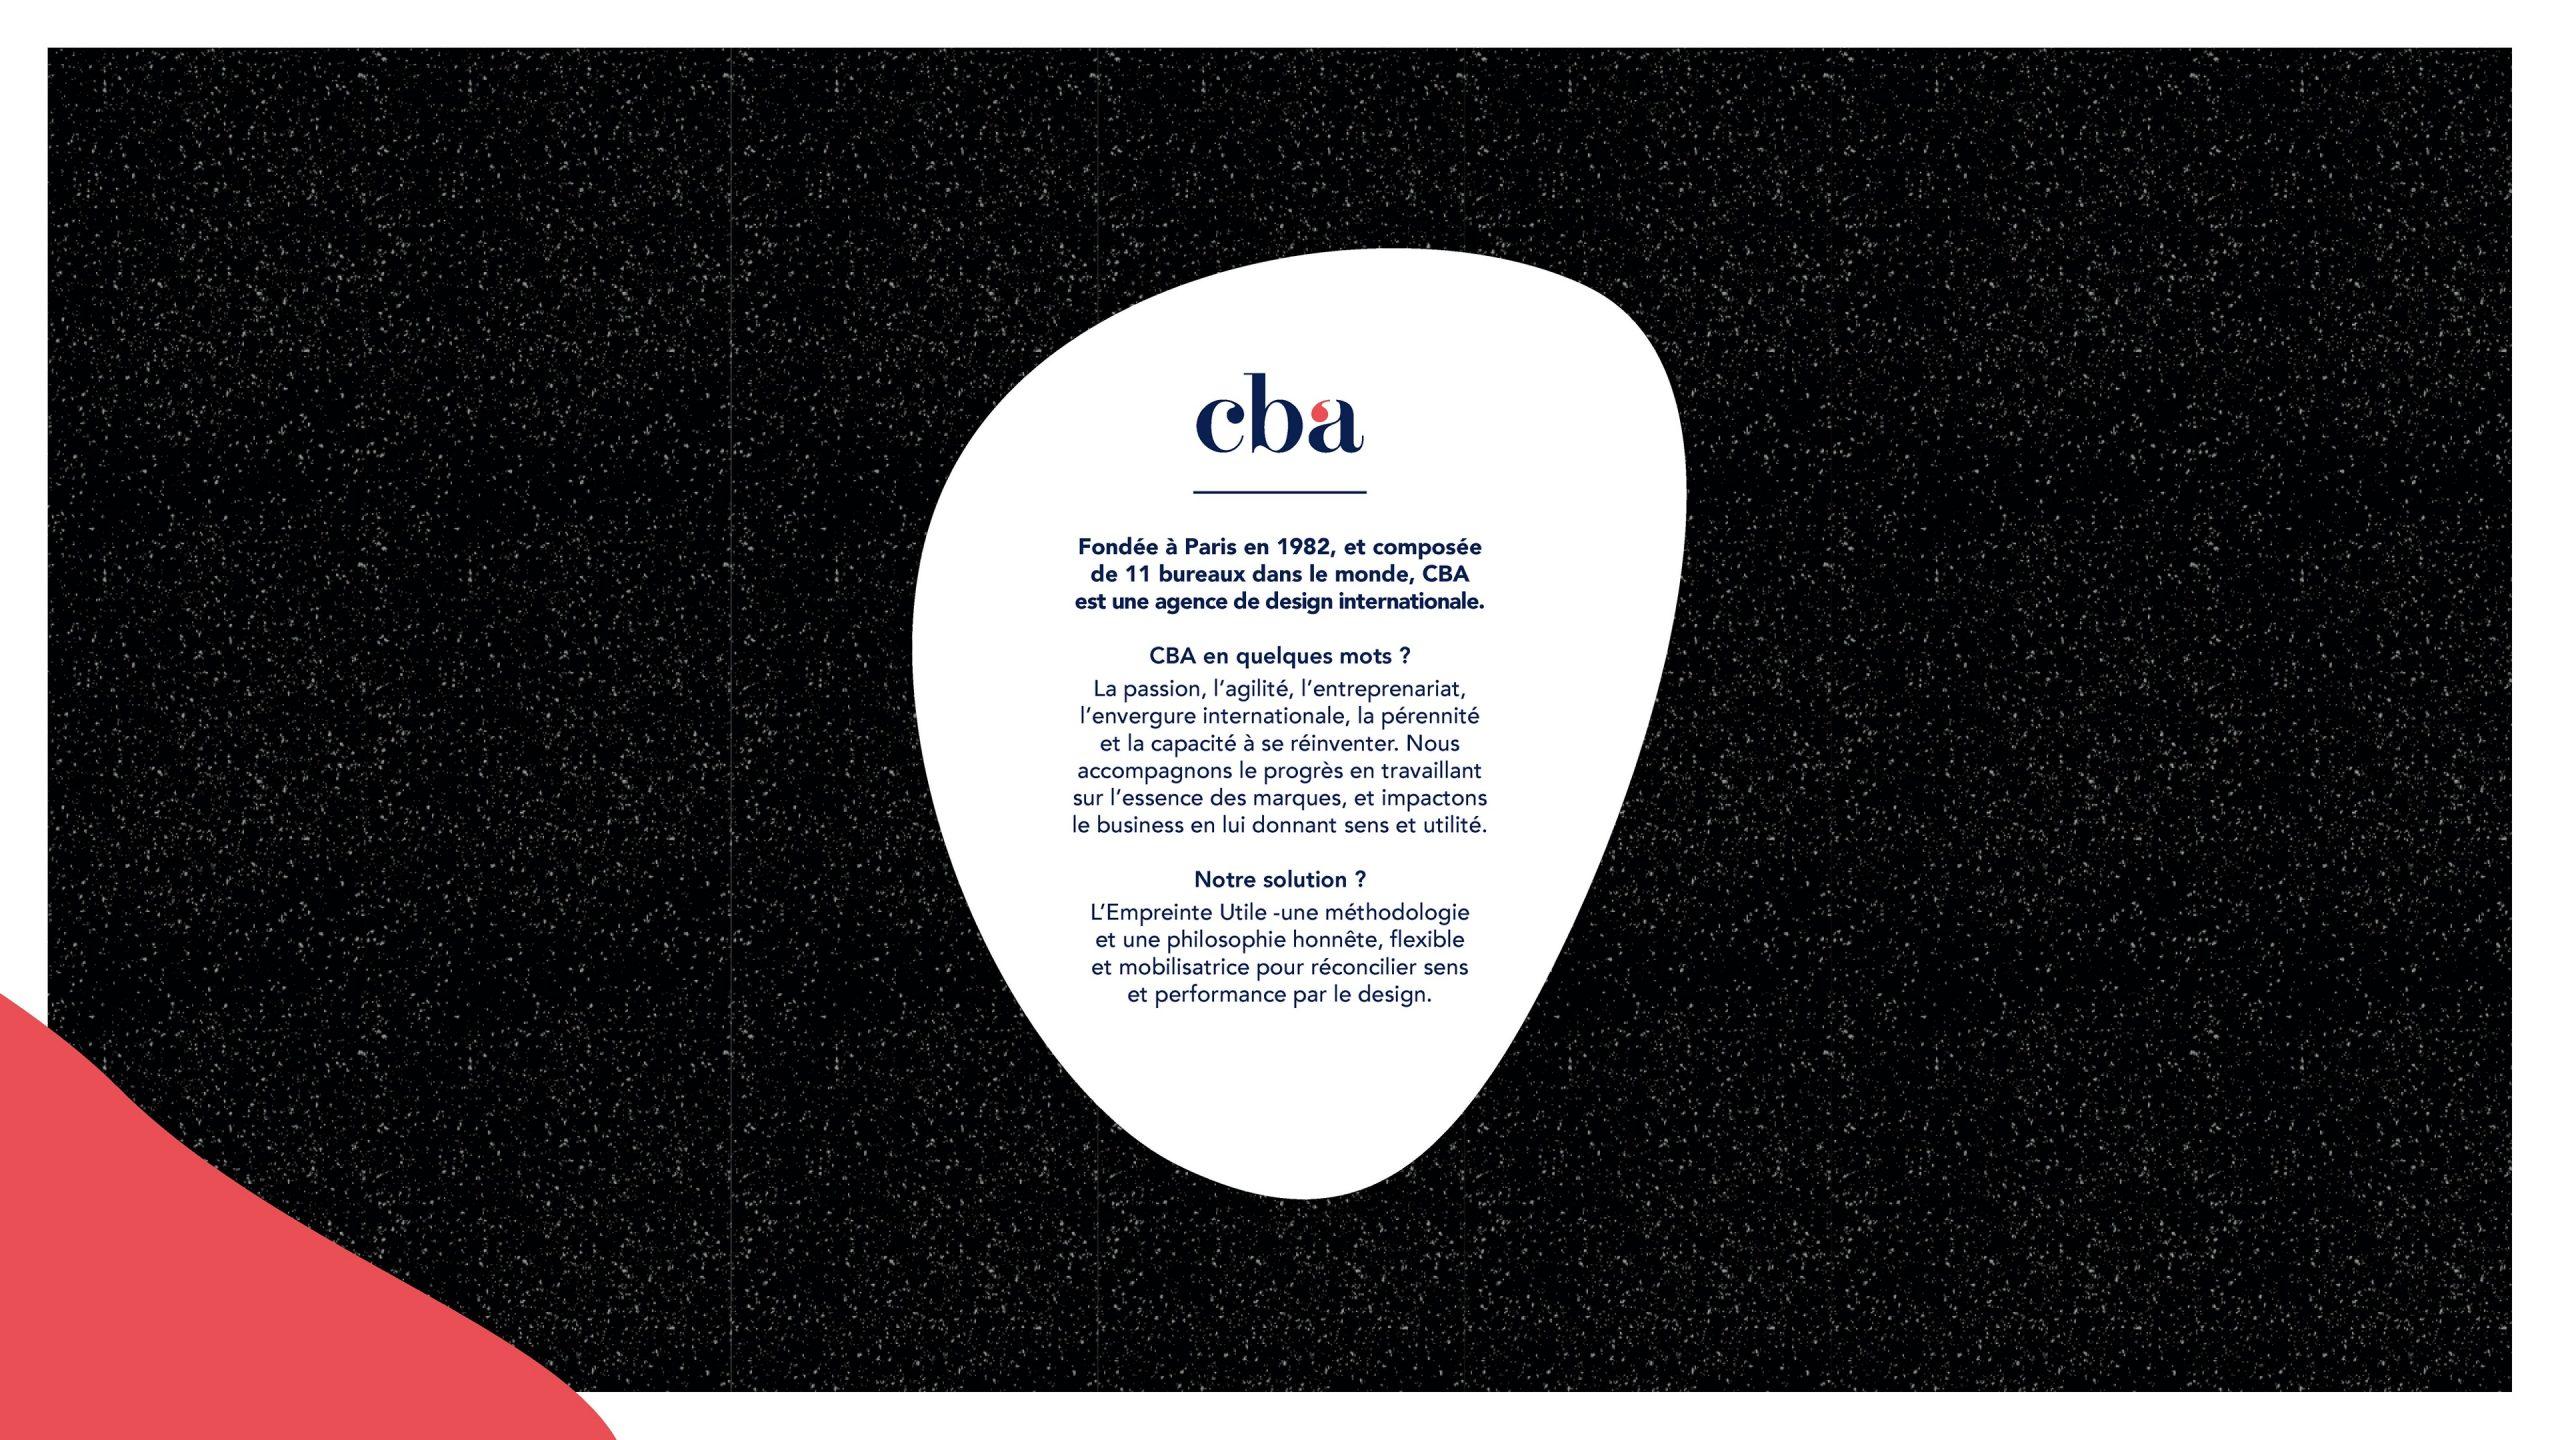 cba01 scaled - Interview de Anne Henry, Directrice du planning stratégique CBA